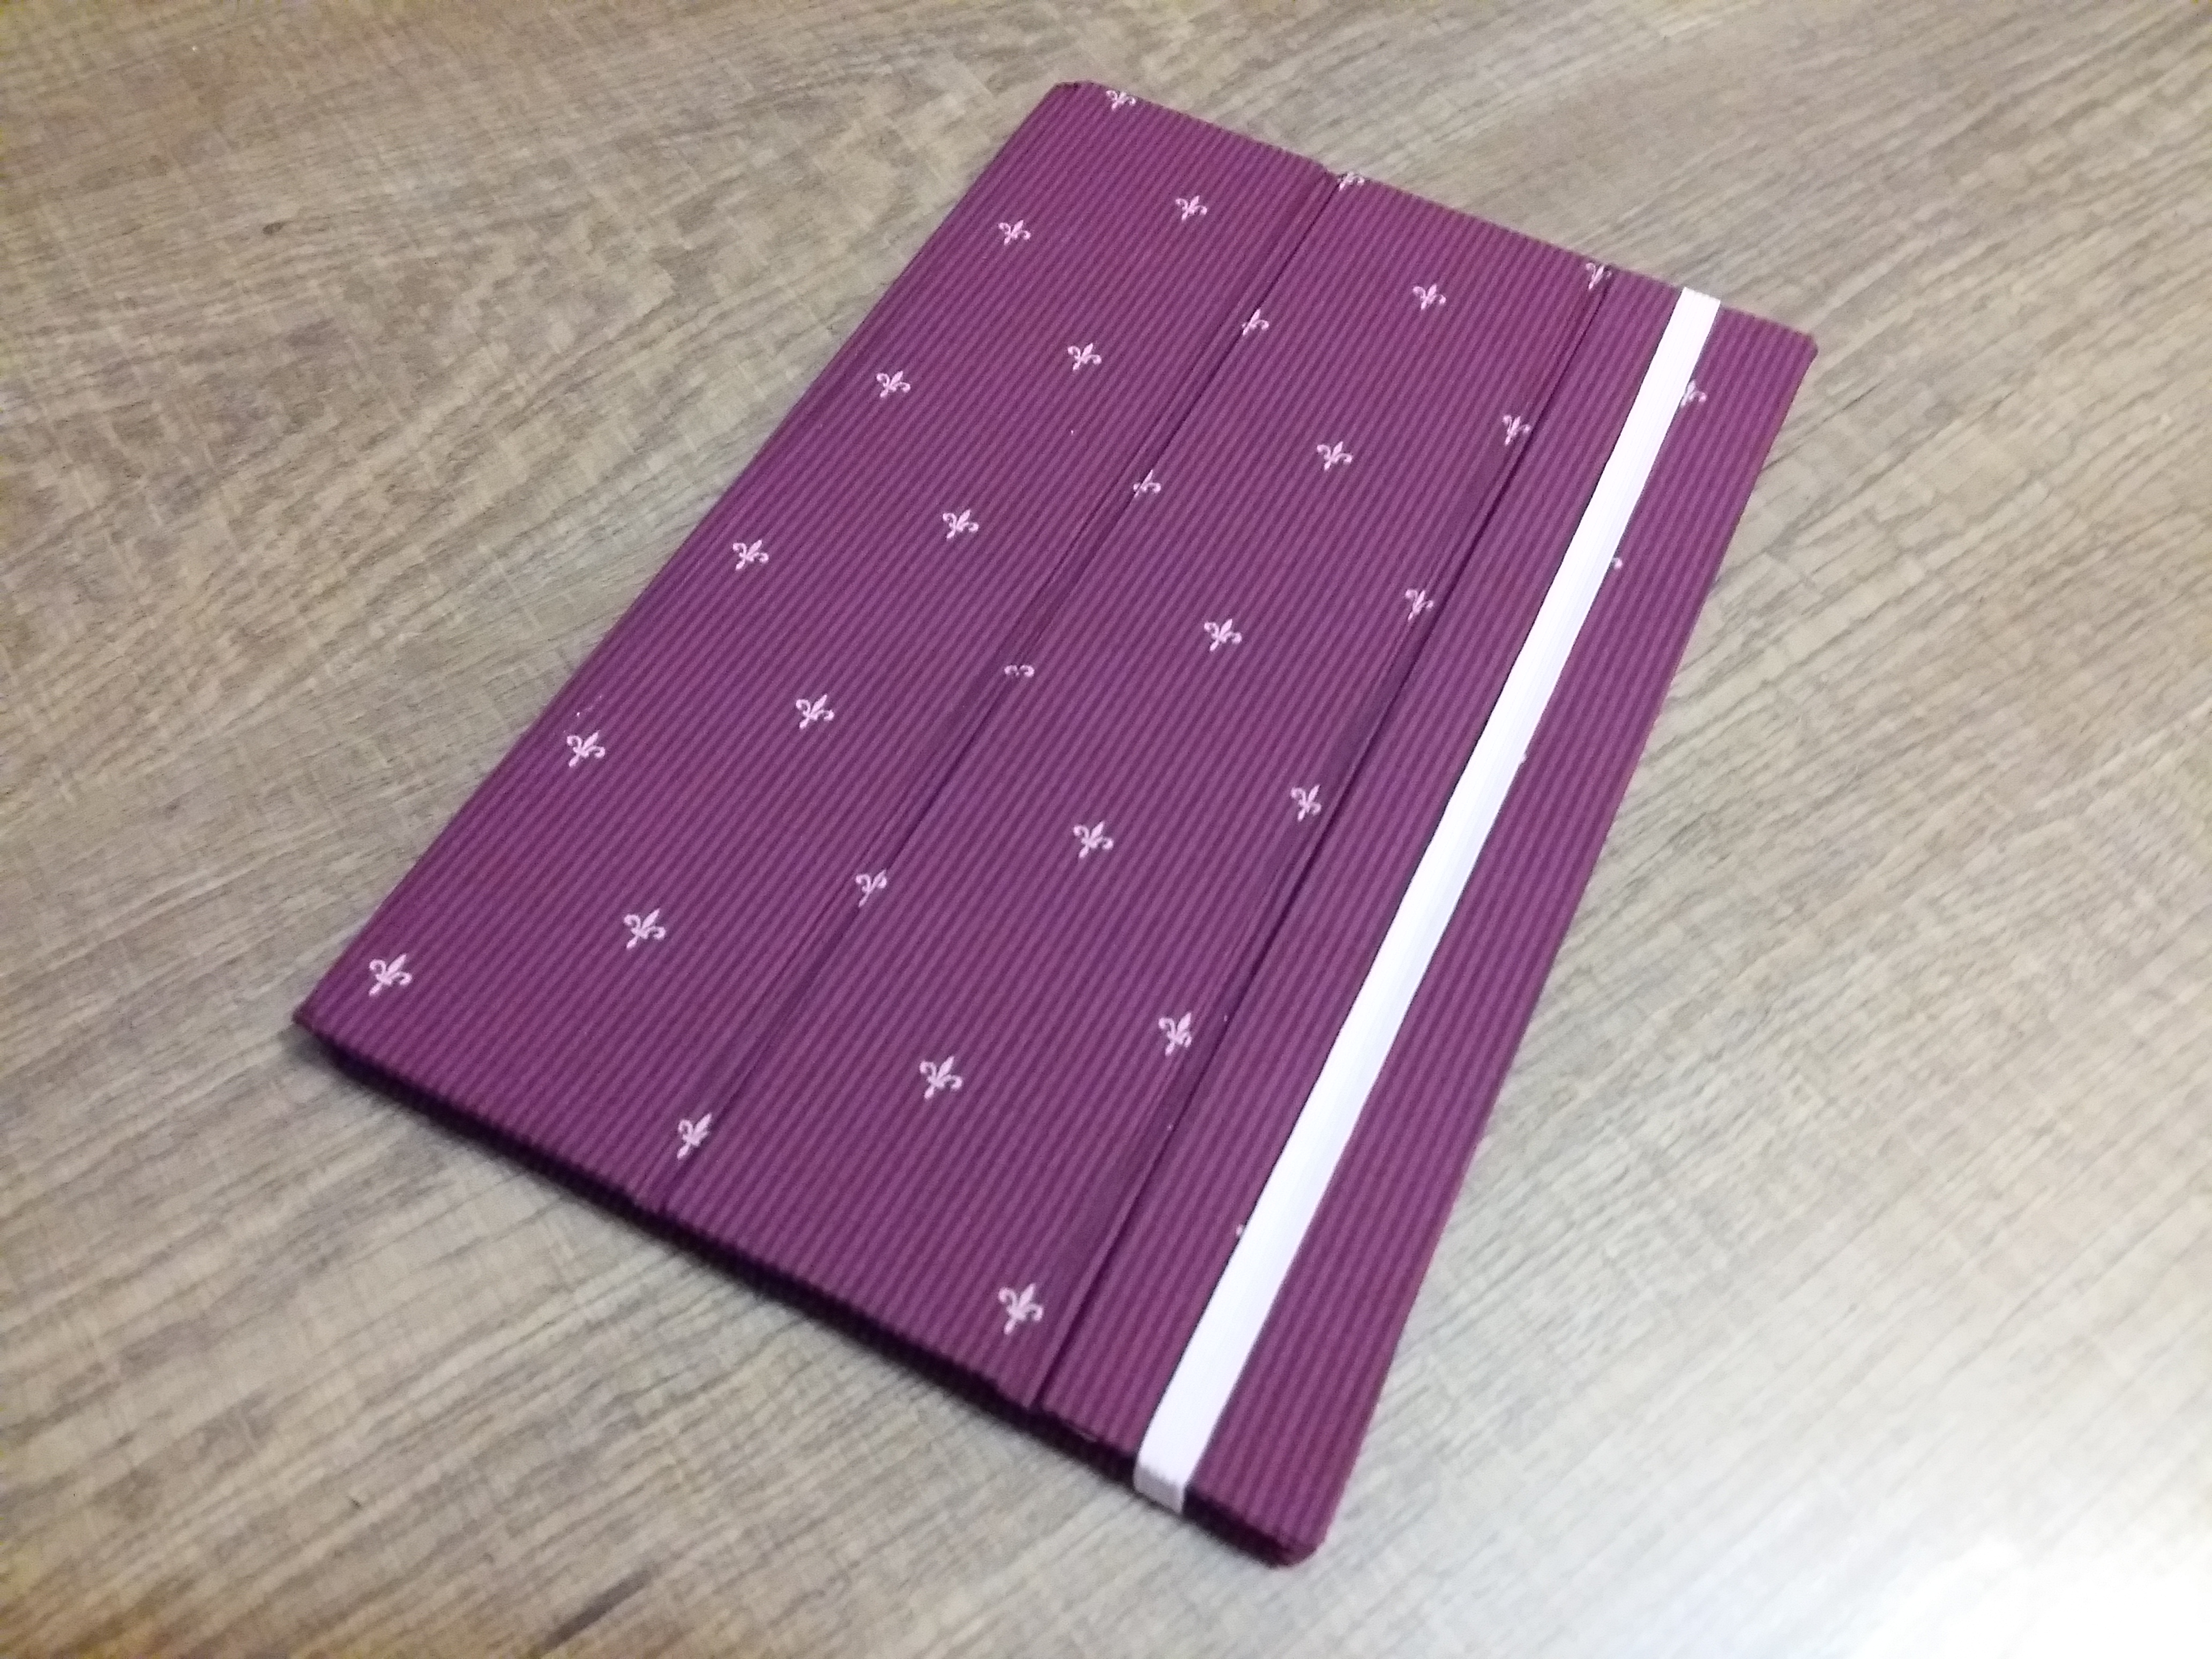 Capa Tablet Ipad no Elo7   Meu Grudinho (731592) 3b61a60a6c